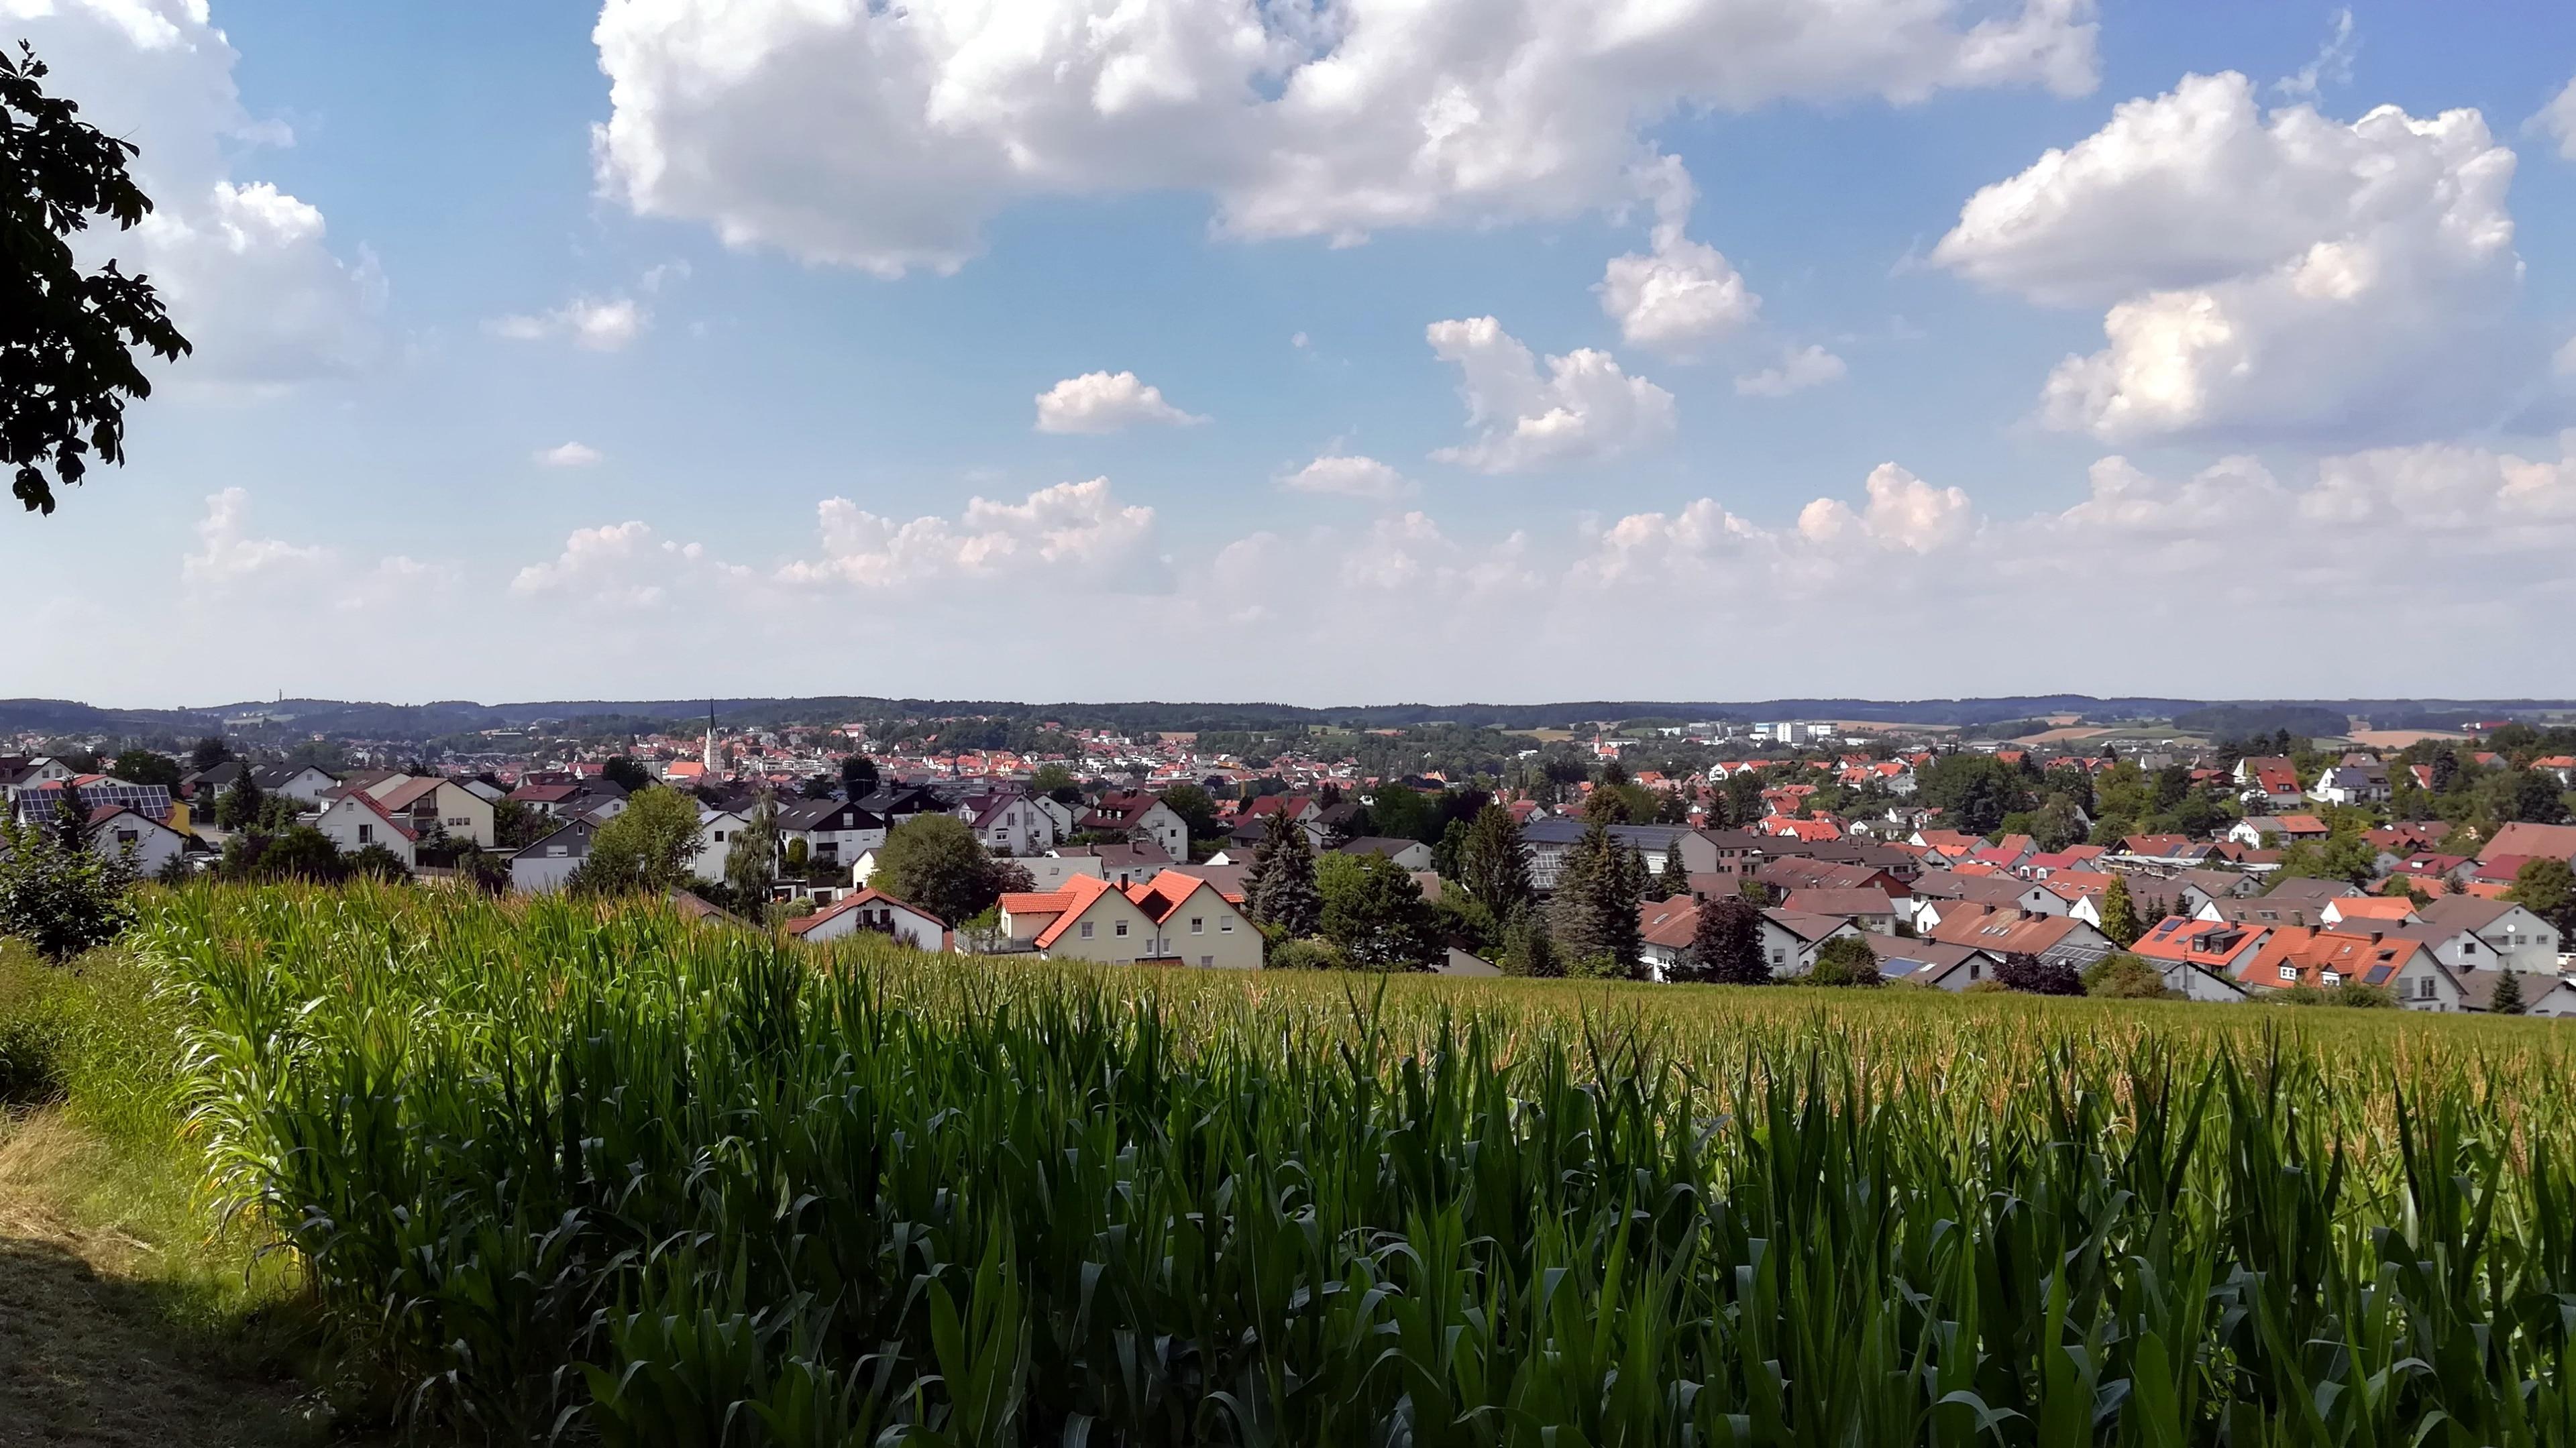 Pfaffenhofen an der Ilm, Bavaria, Germany